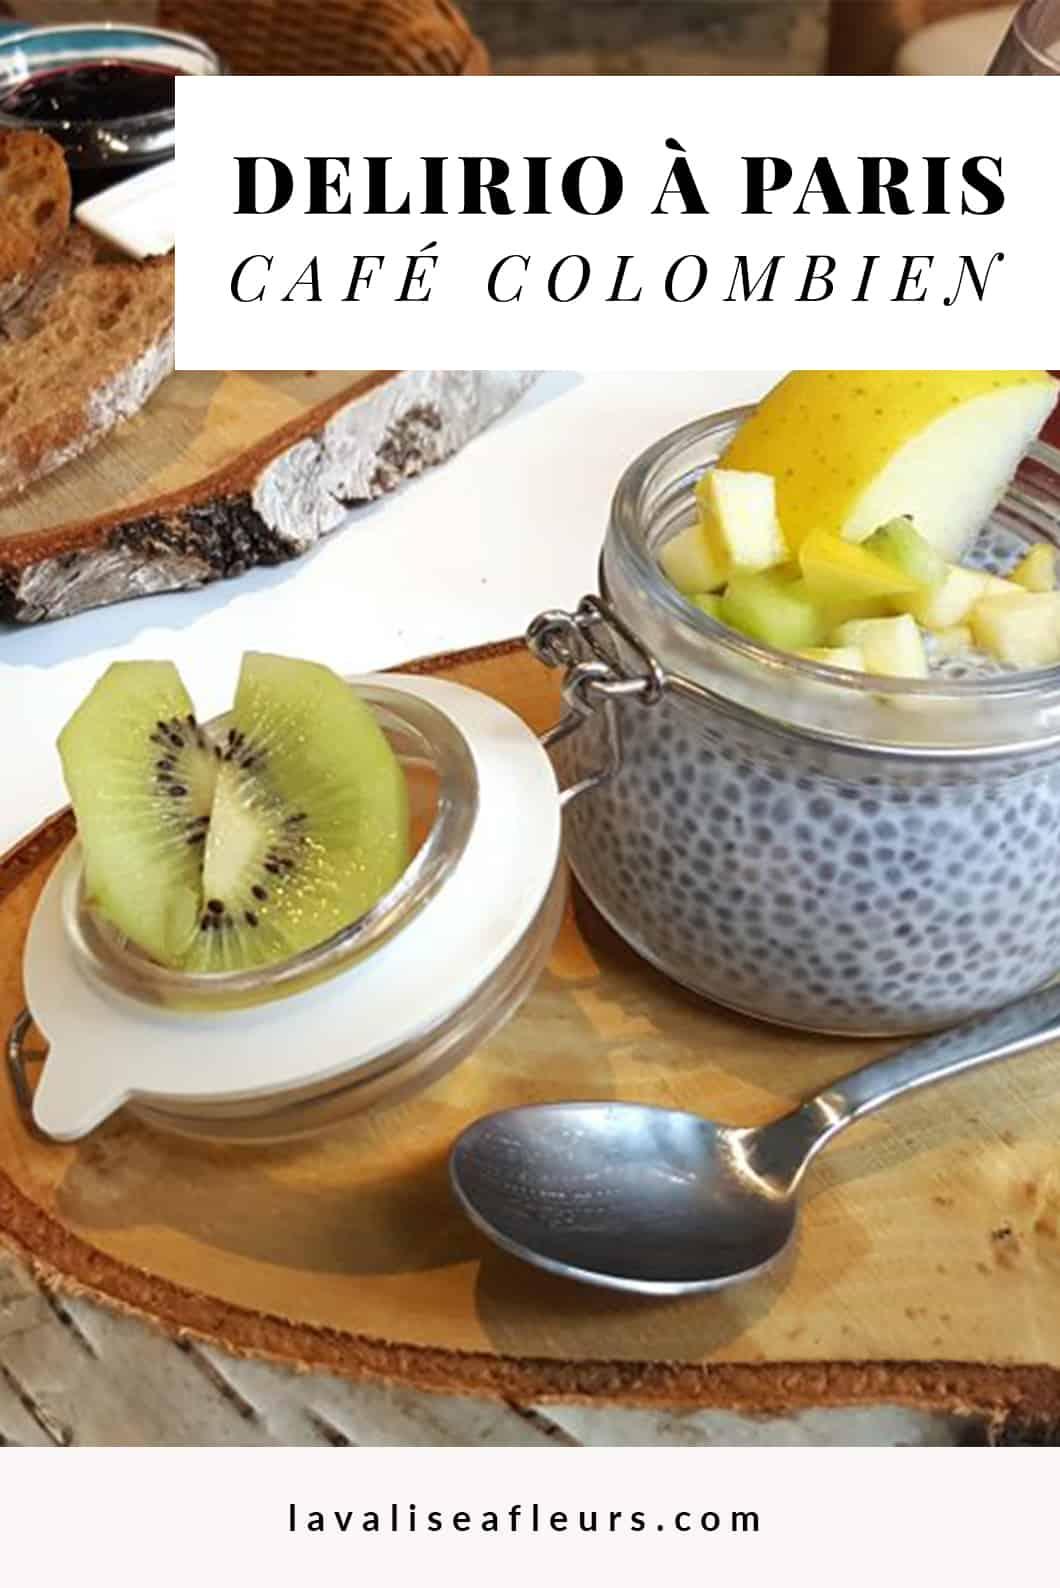 Manger au Delirio Café colombien à Paris